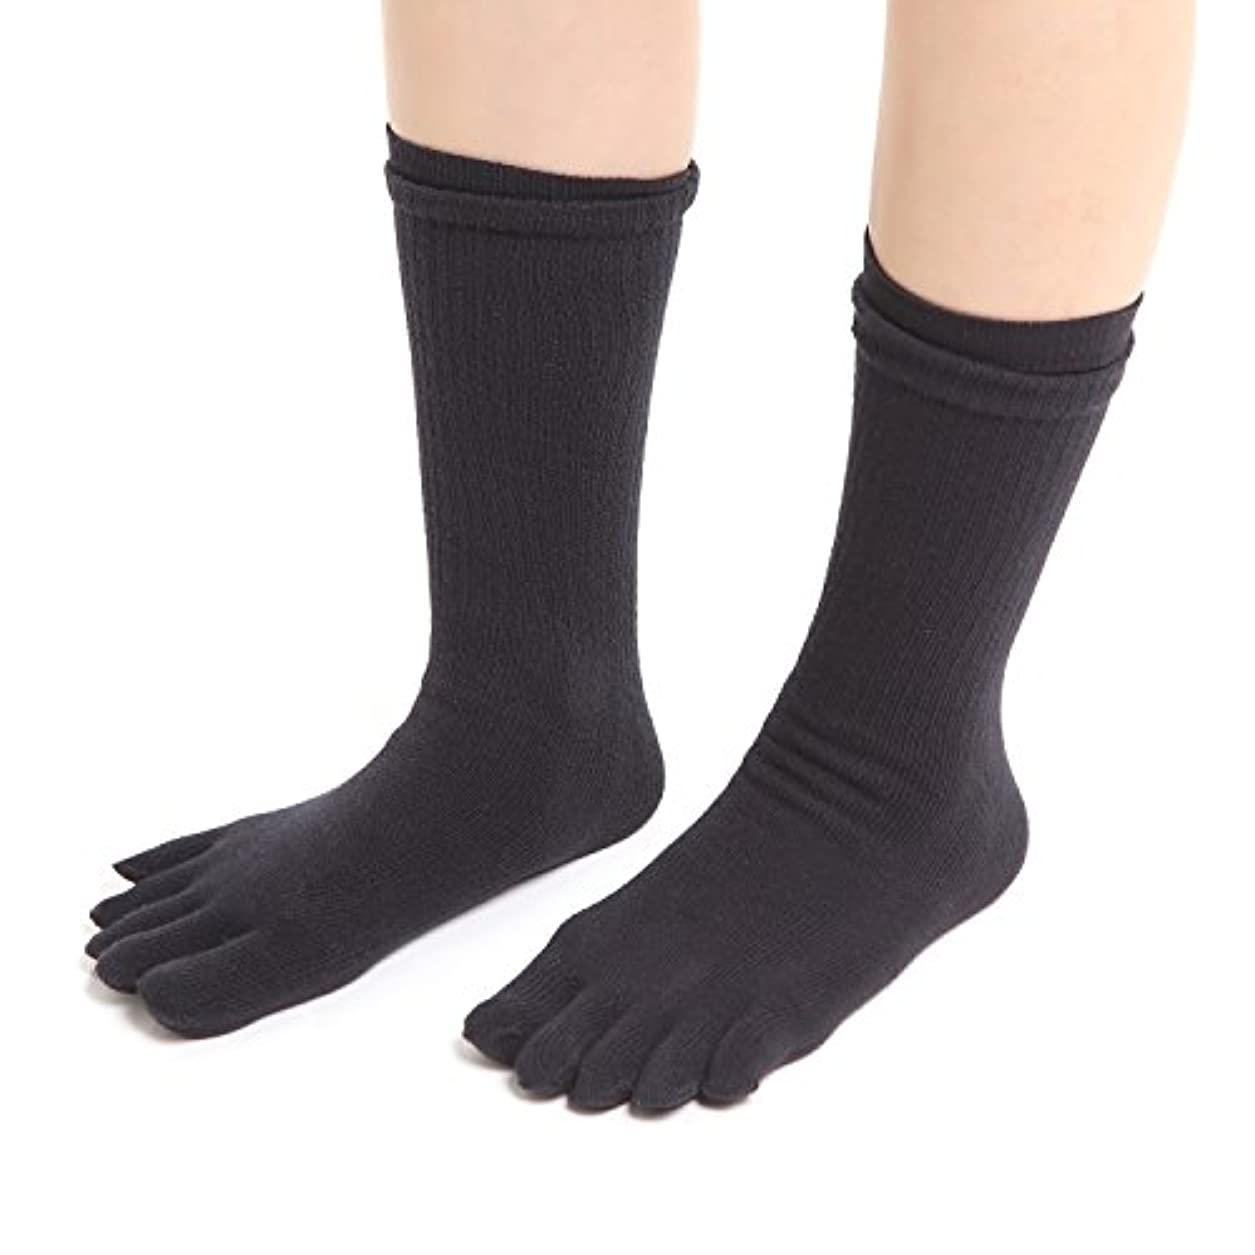 抽象流用する夏NANA 初心者向け冷えとり靴下 内シルク外コットンソックス 2足セット 5本指ソックス フリーサイズ シルク (黒)